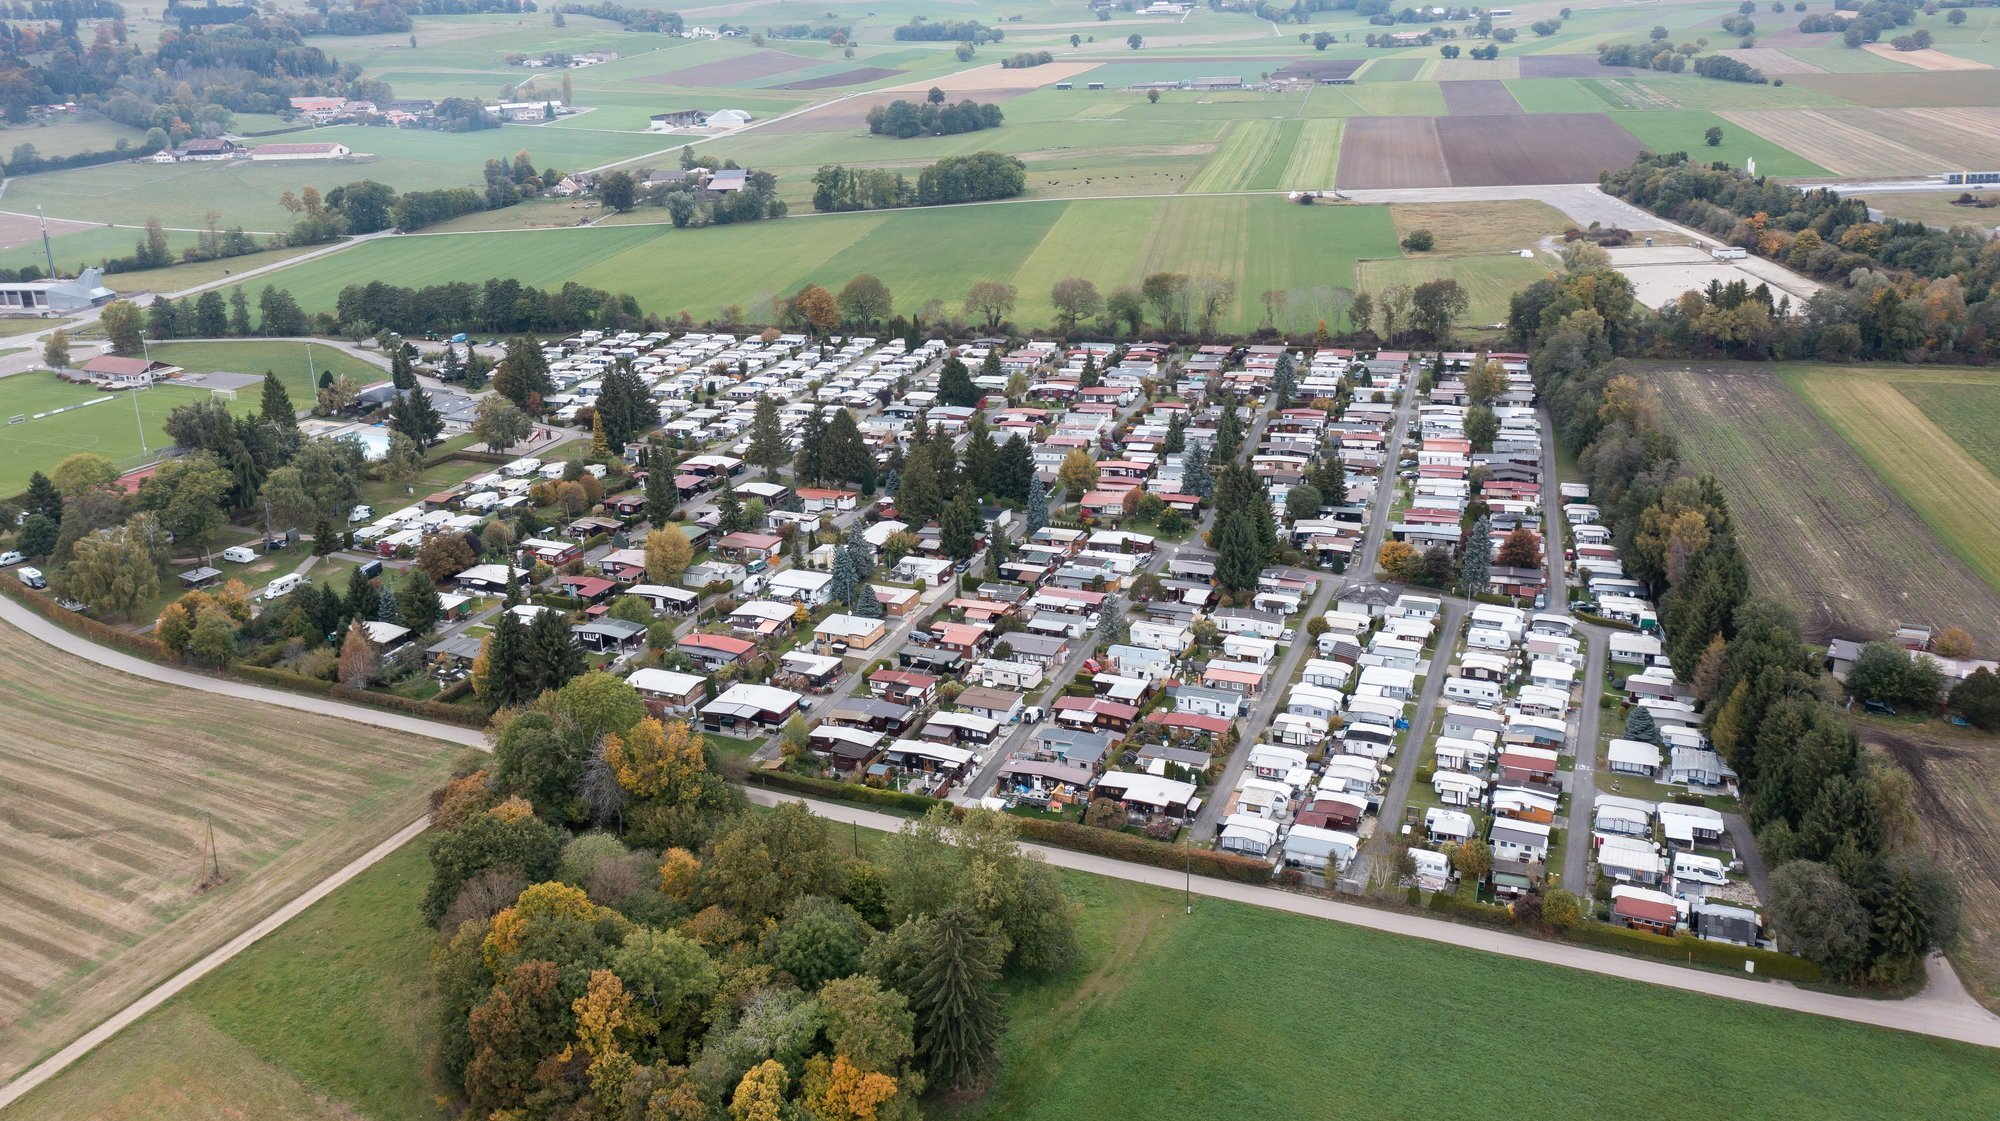 Les résidents à l'année du camping de Lignières sommés de partir